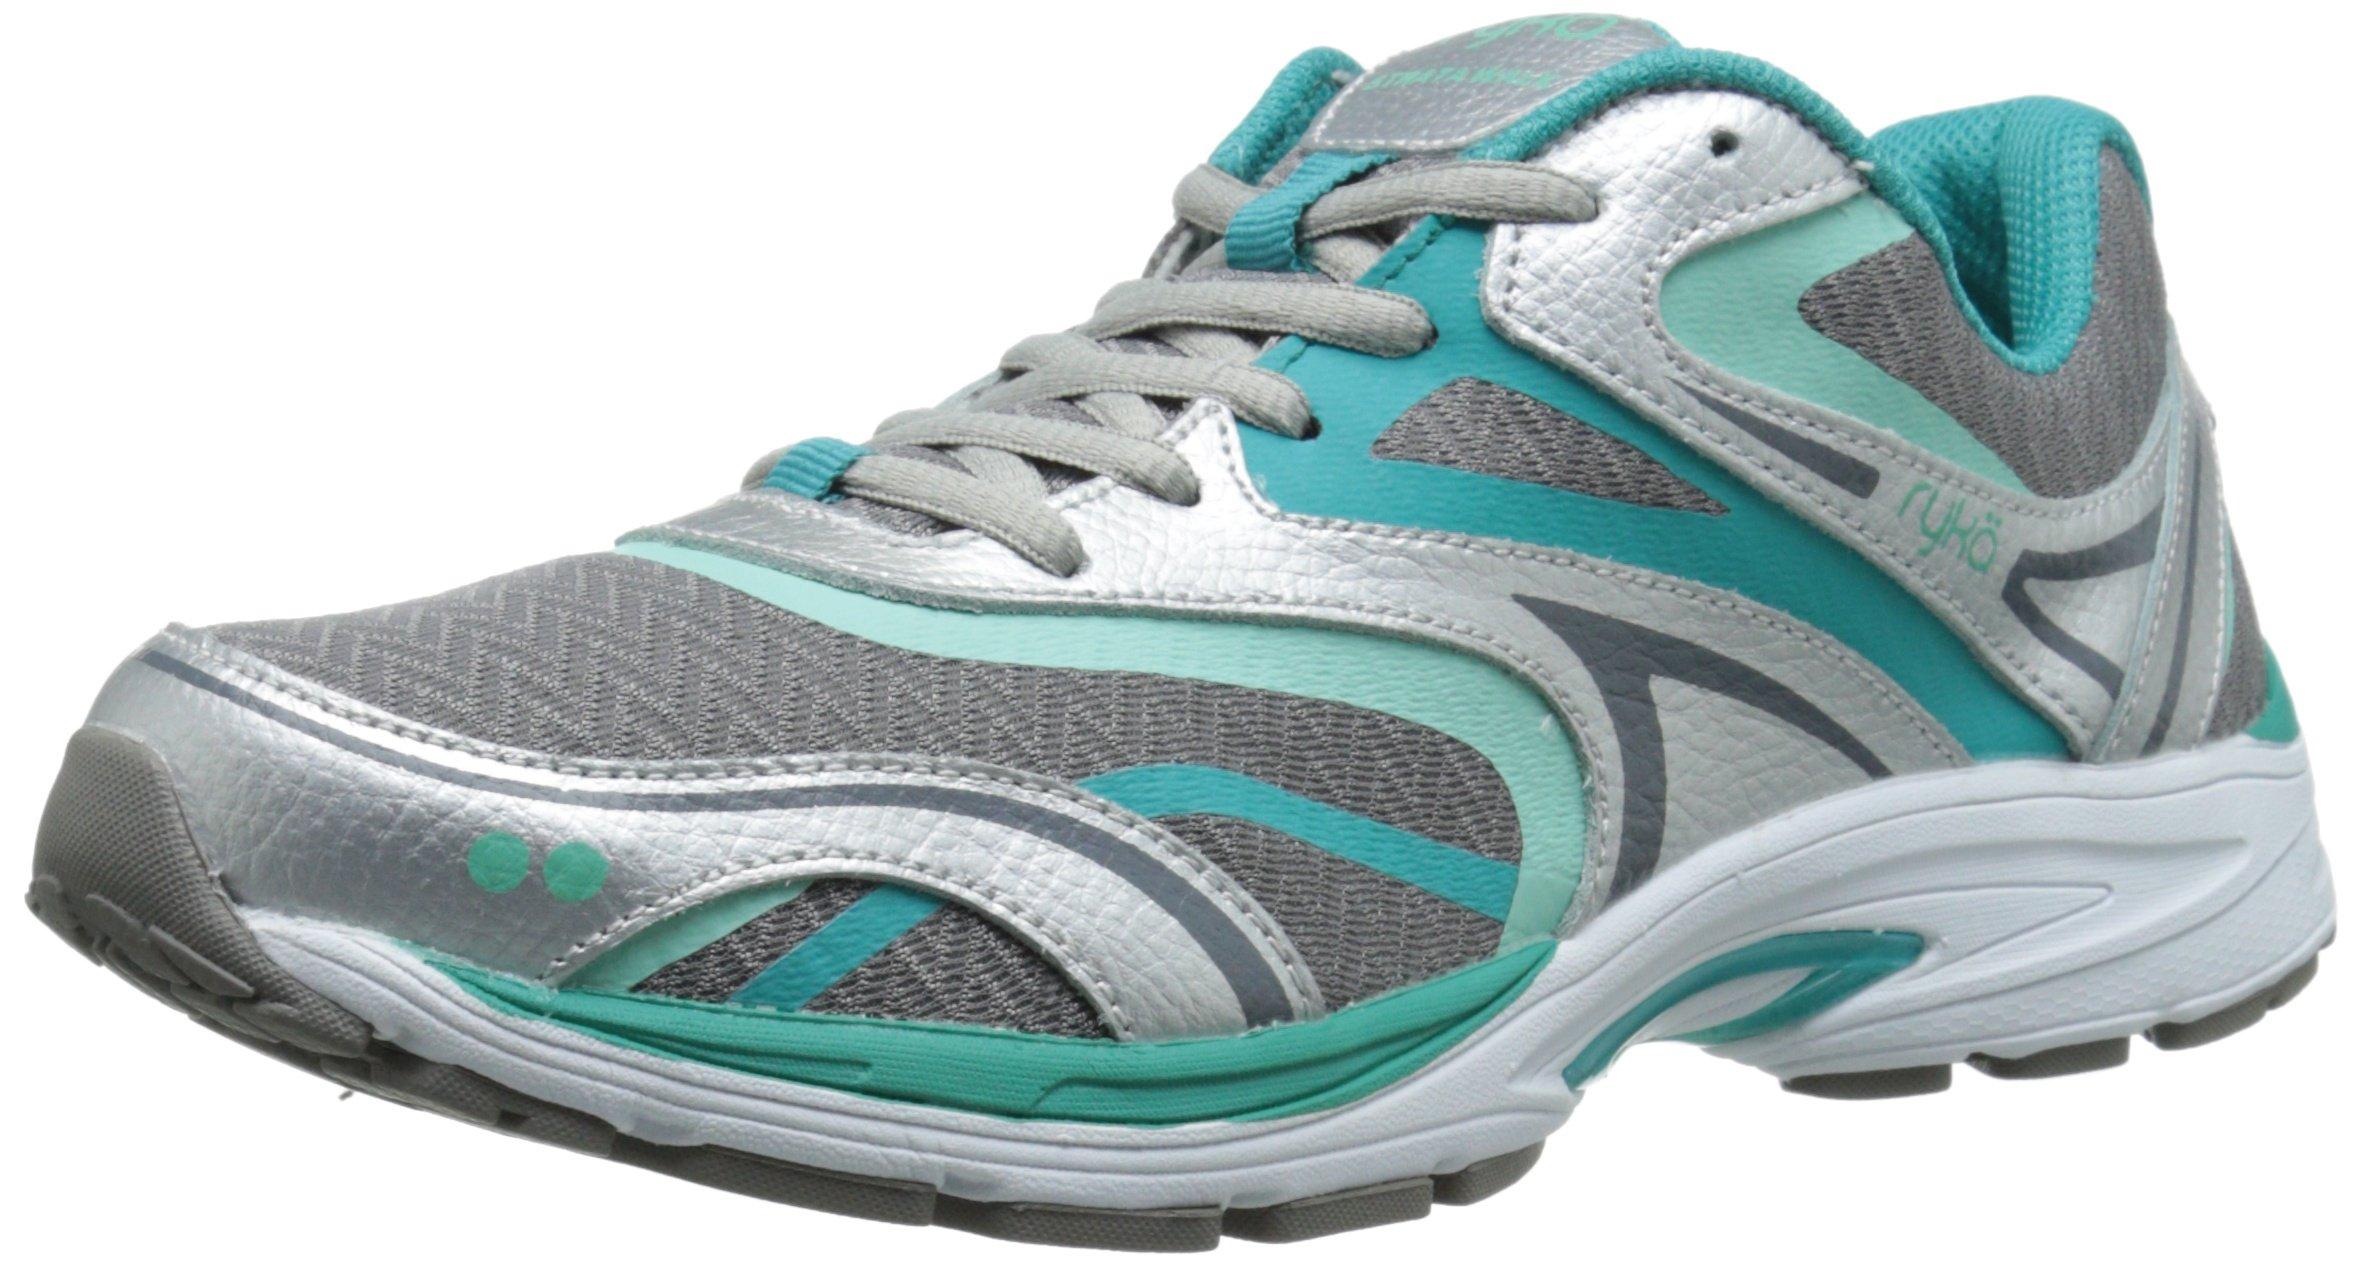 RYKA Women's Strata Walk Walking Shoe, Frost Grey/Beach Glass/Teal Blast/Chrome Silver, 6.5 W US by Ryka